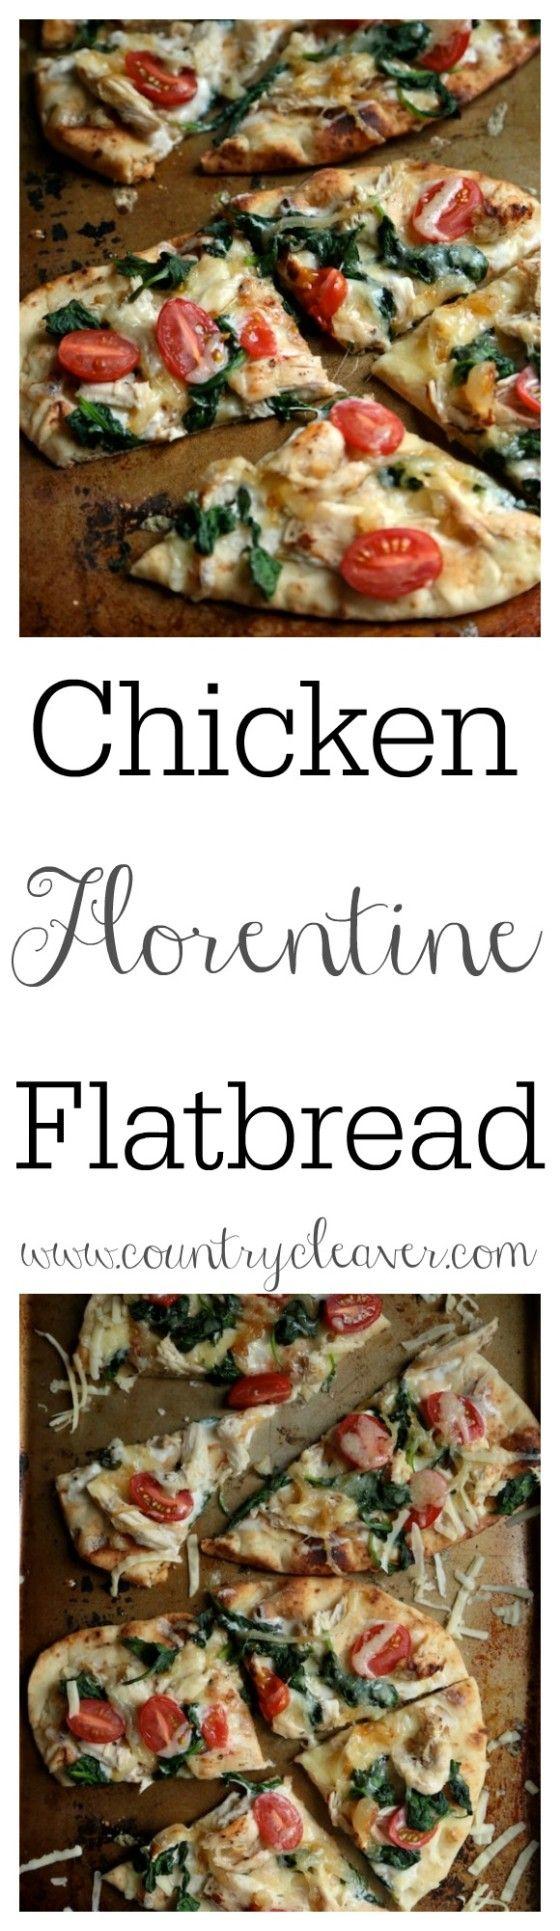 Chicken Florentine Flatbread